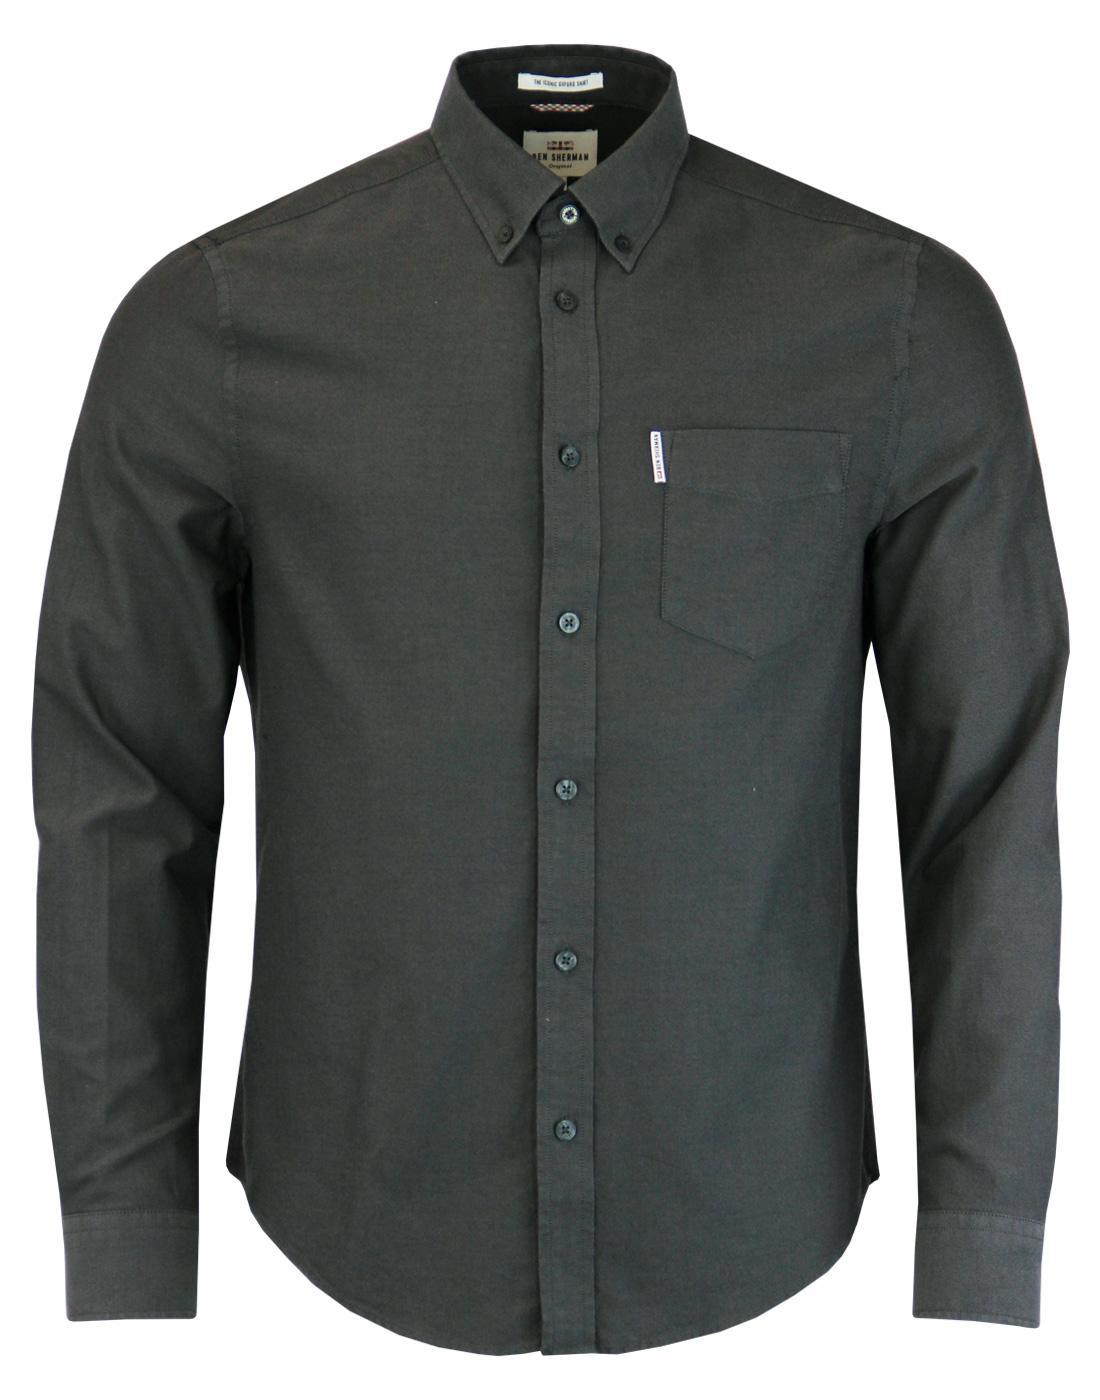 BEN SHERMAN Men's Mod Button Down Oxford Shirt (G)